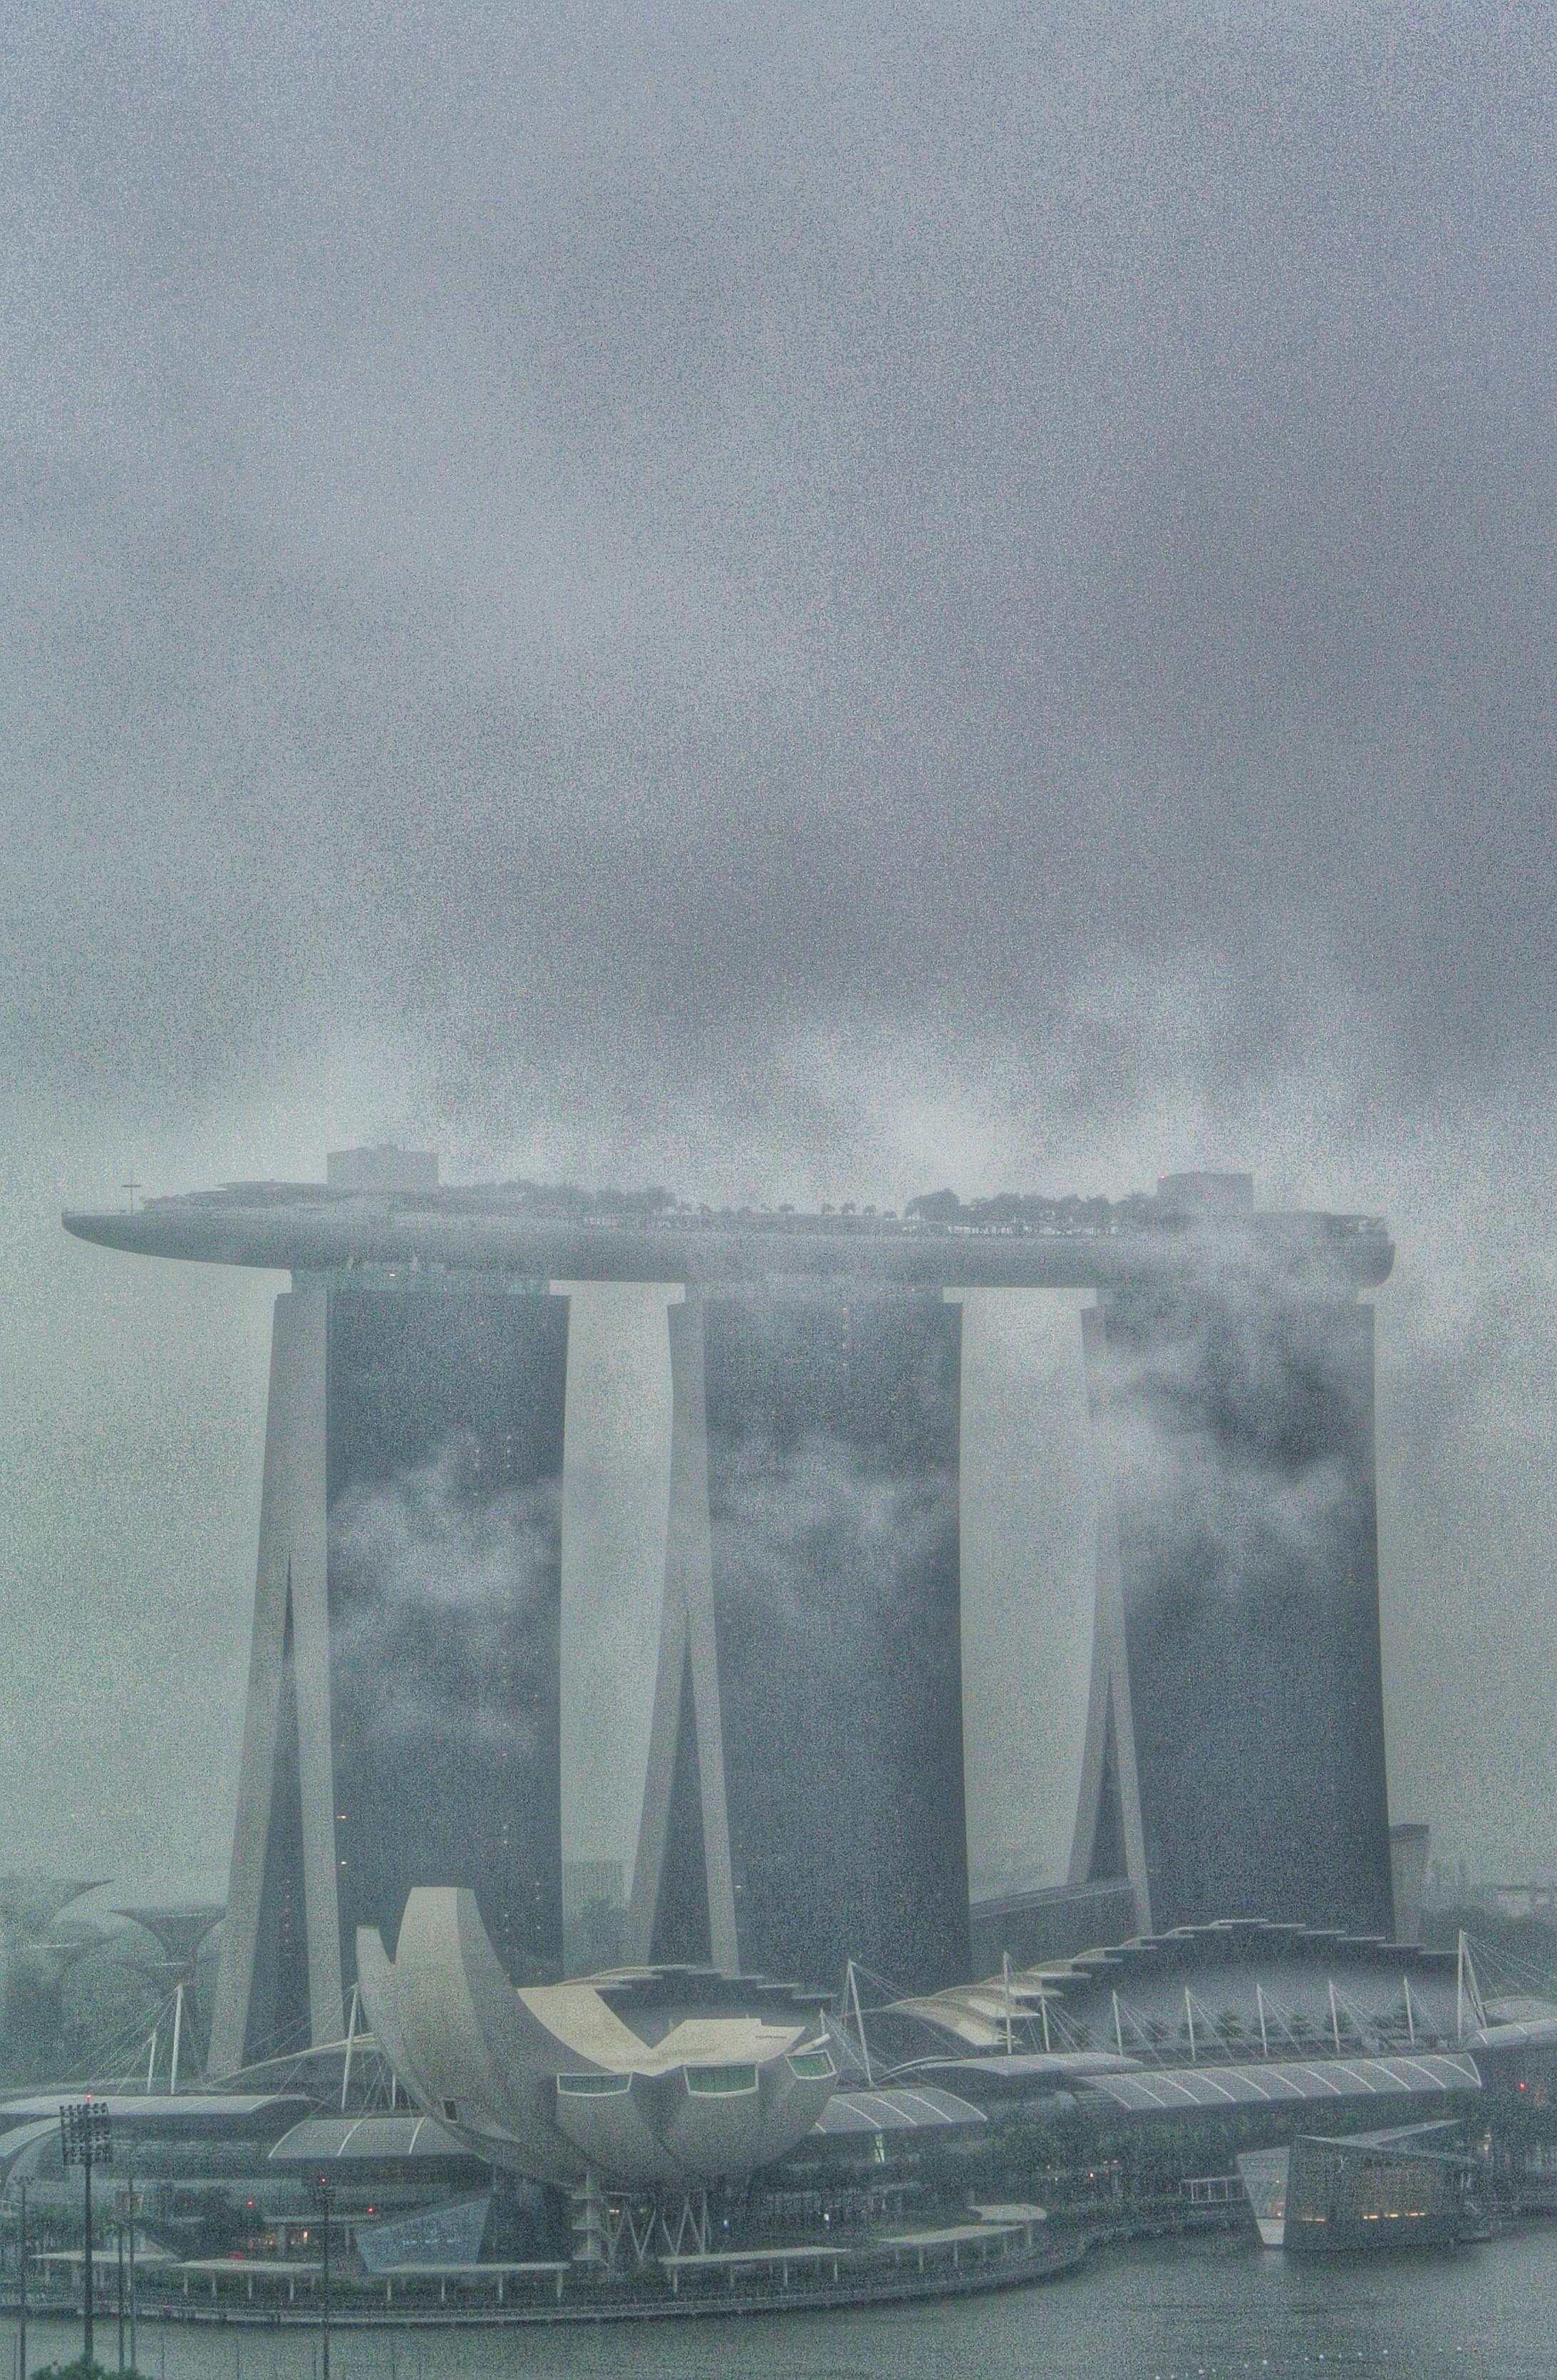 Marina Bay Sands 8th Dec